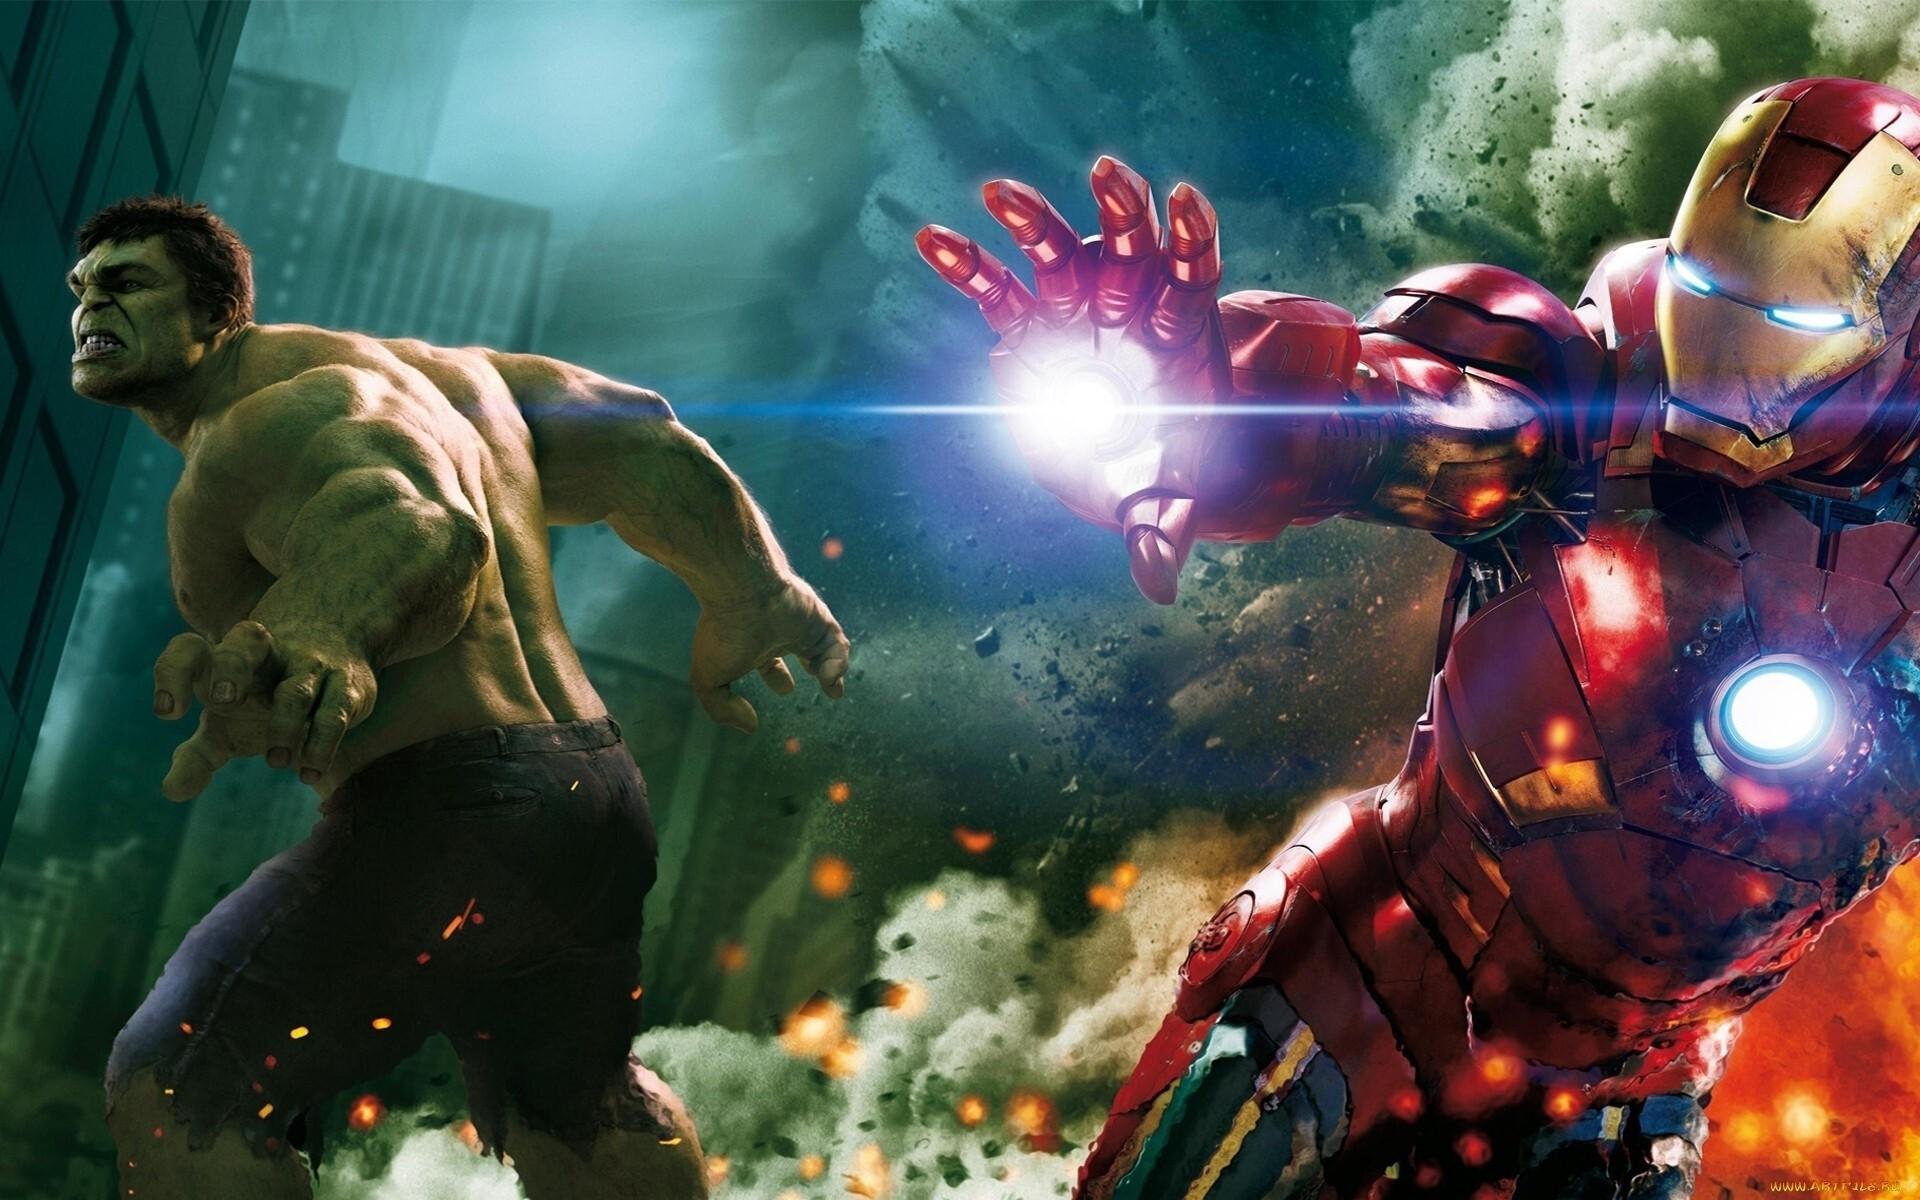 Iron man in latest hulk movie